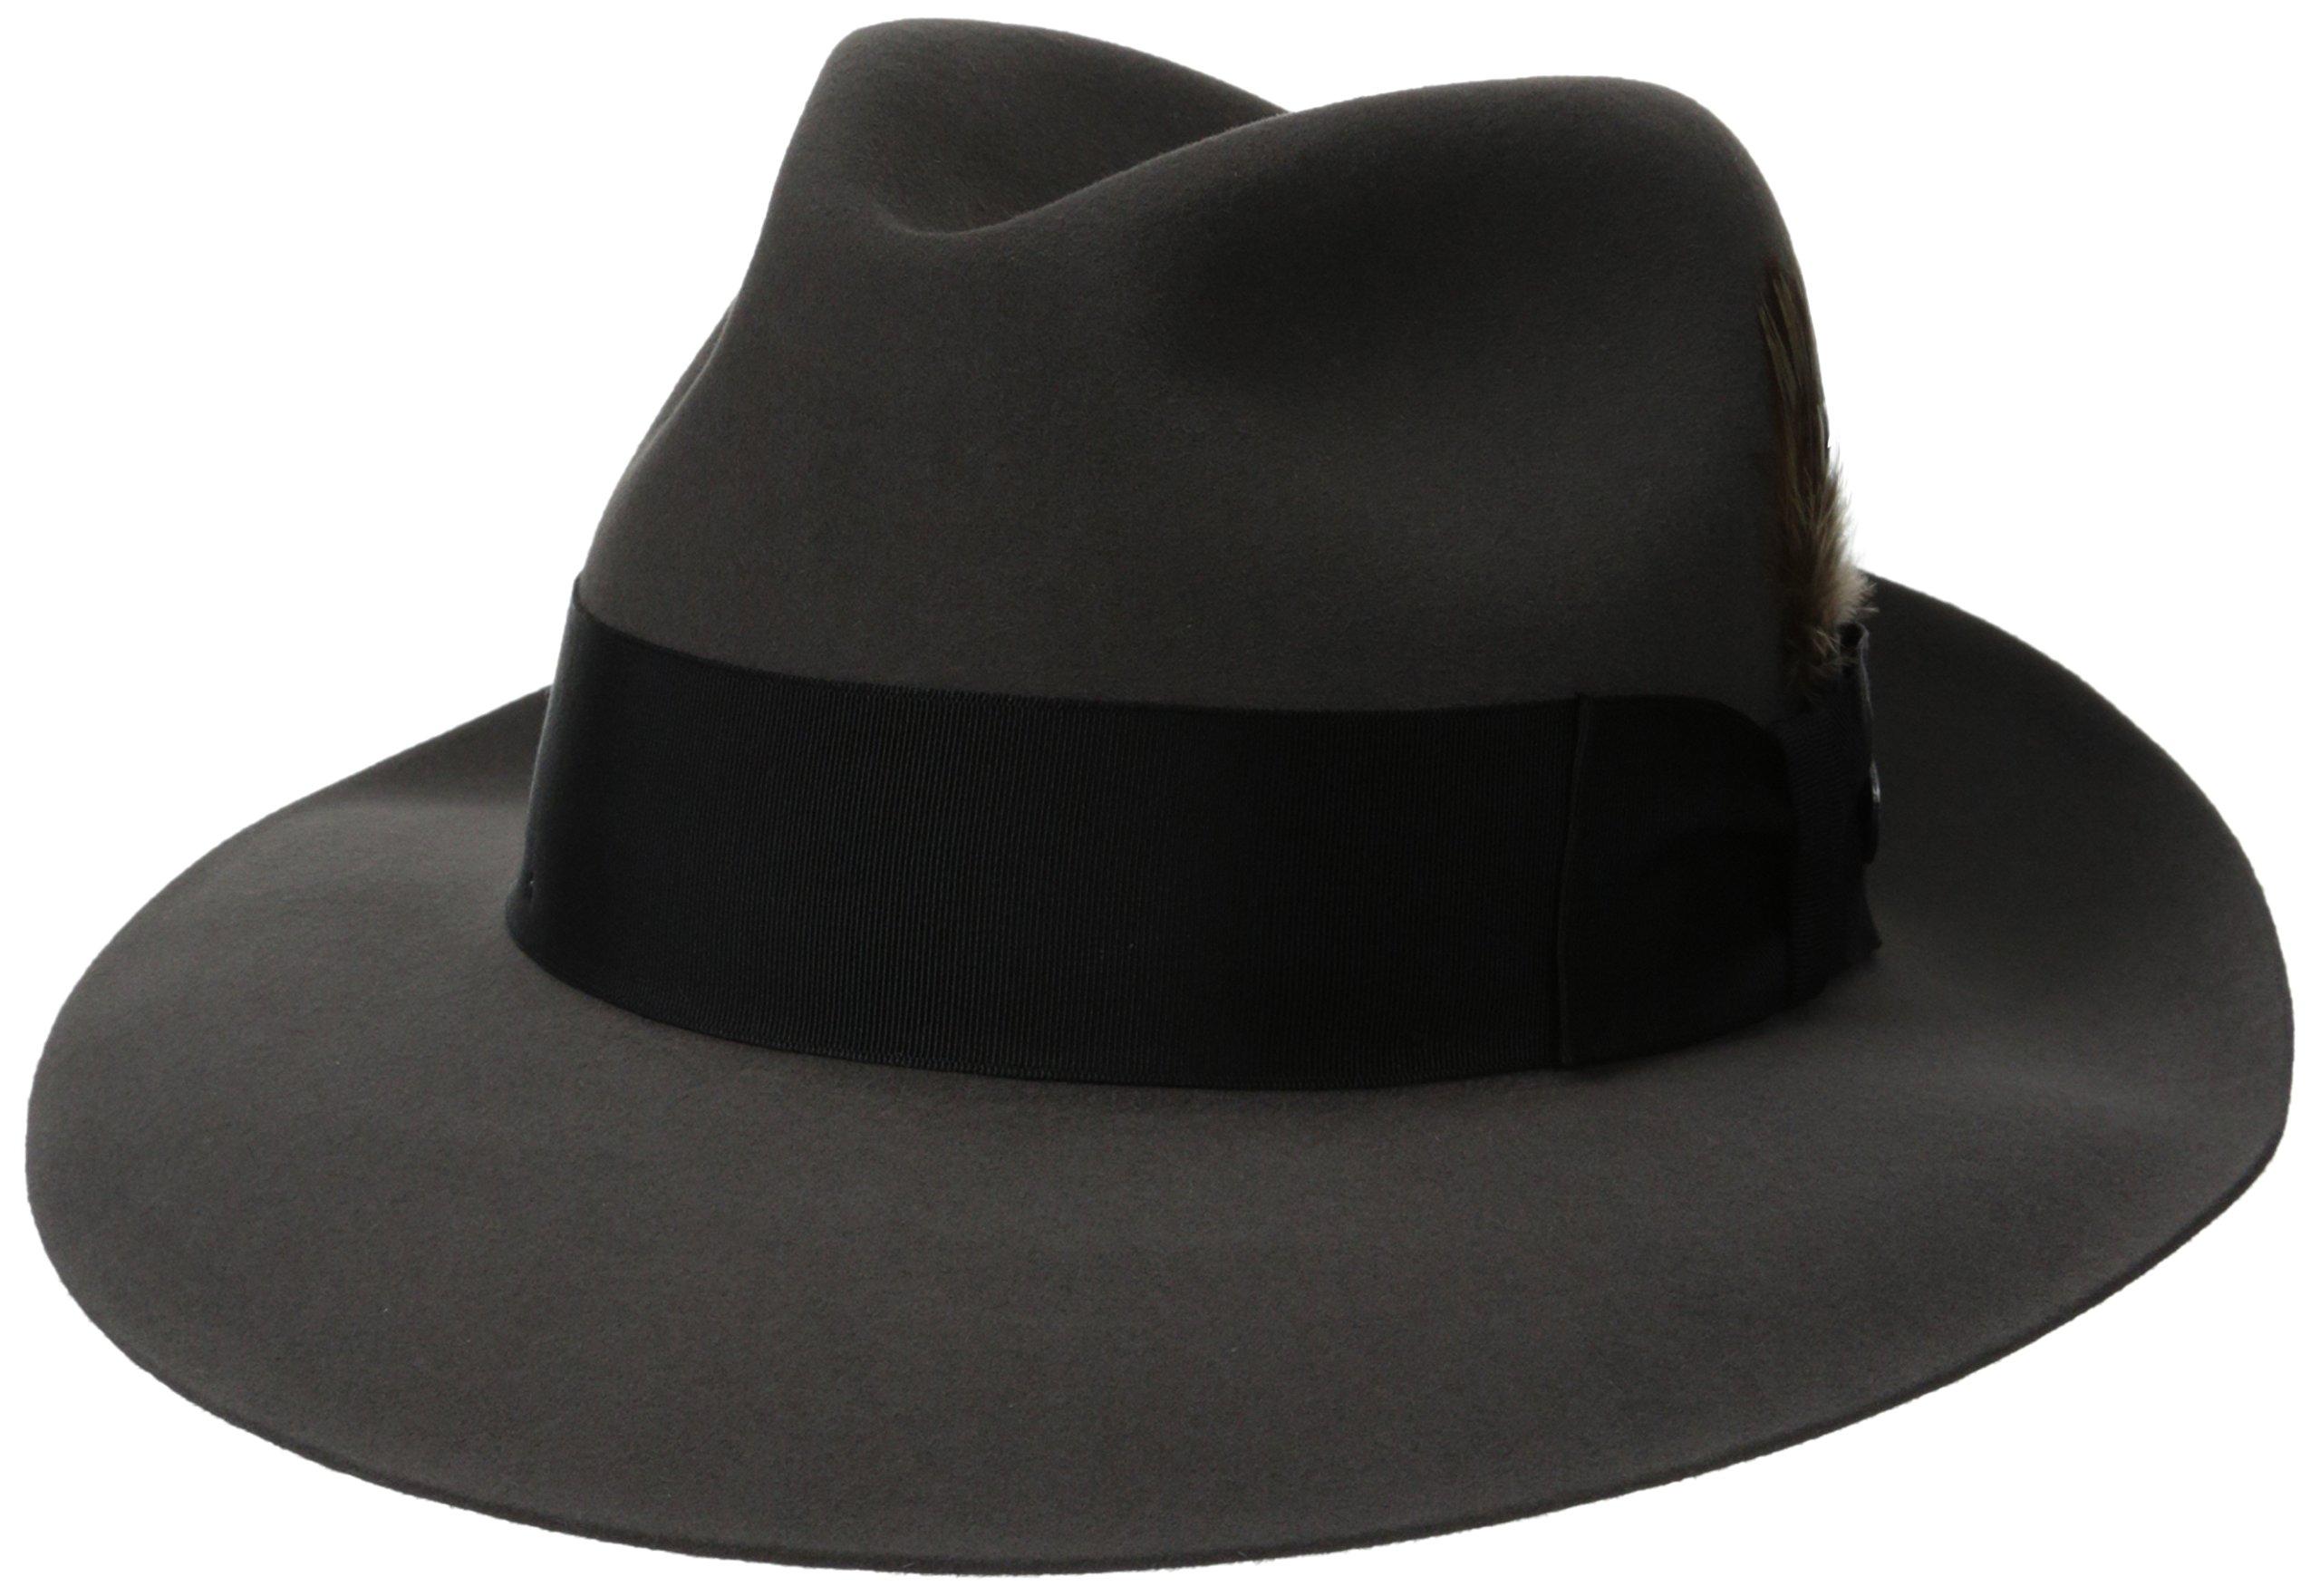 Stetson Men's Sttson Temple Royal Deluxe Fur Felt Hat, Caribou, 7.5